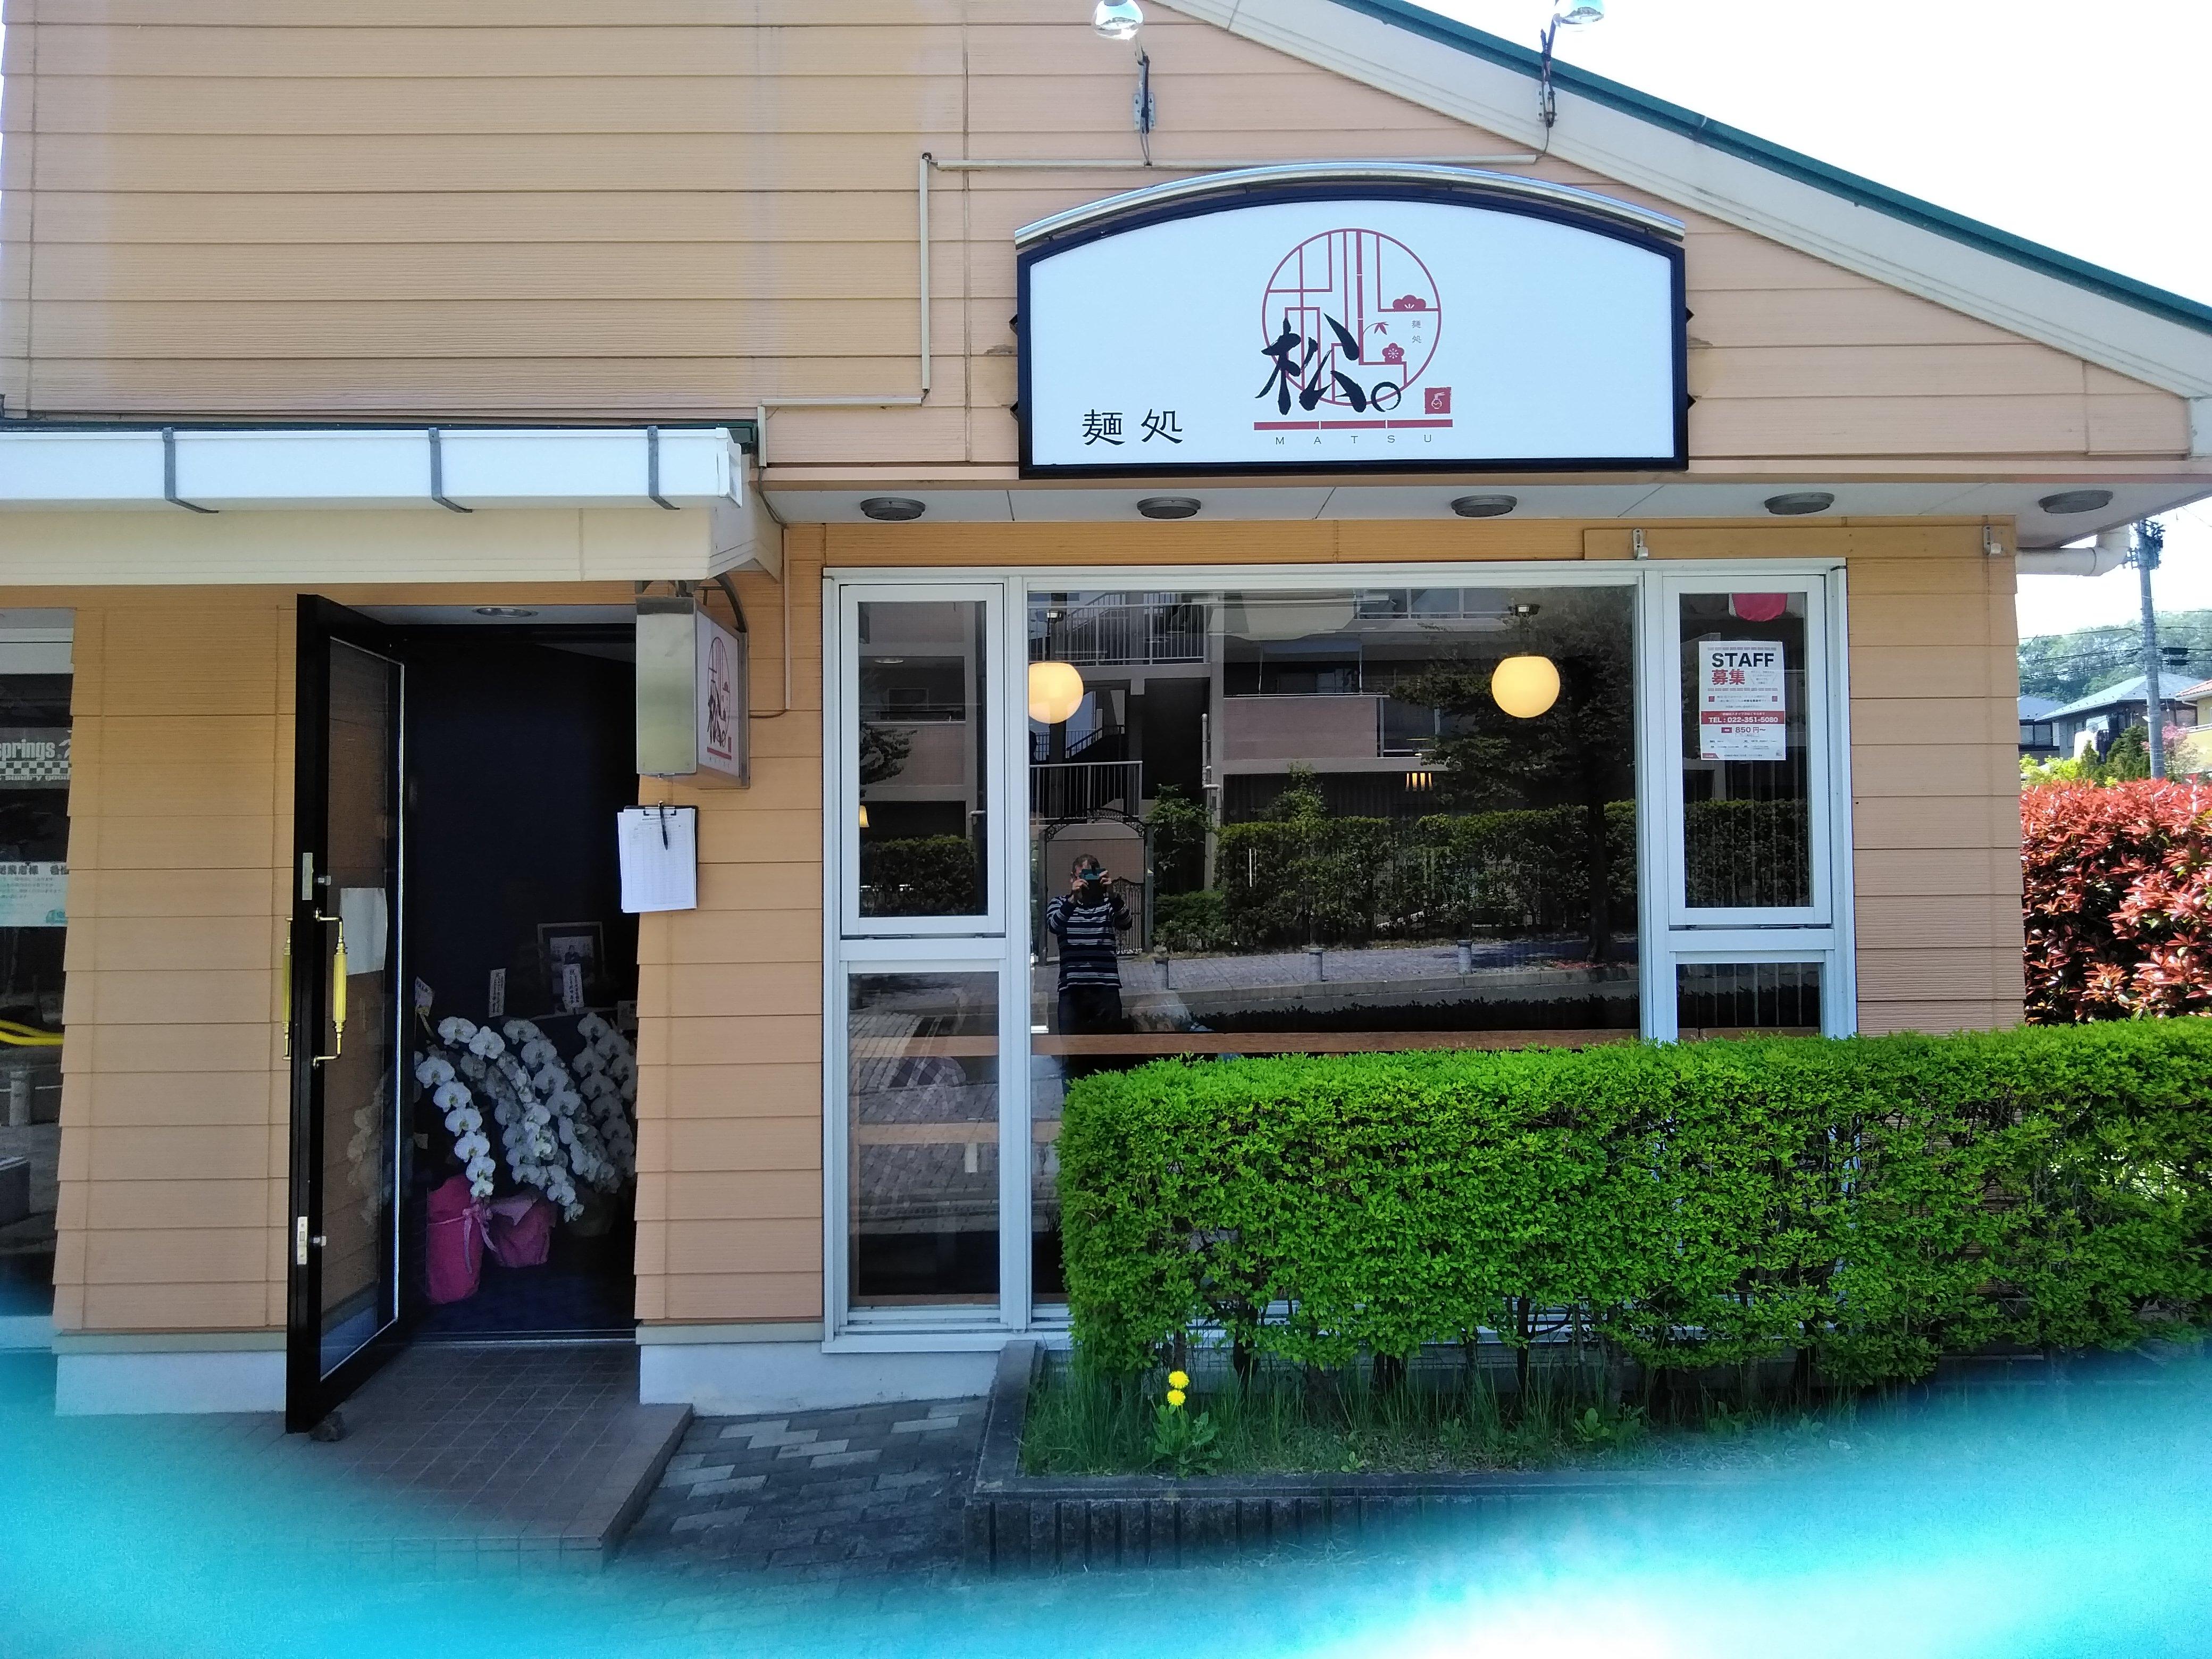 壺つけ麺!麺処 松。富谷市にオープン!